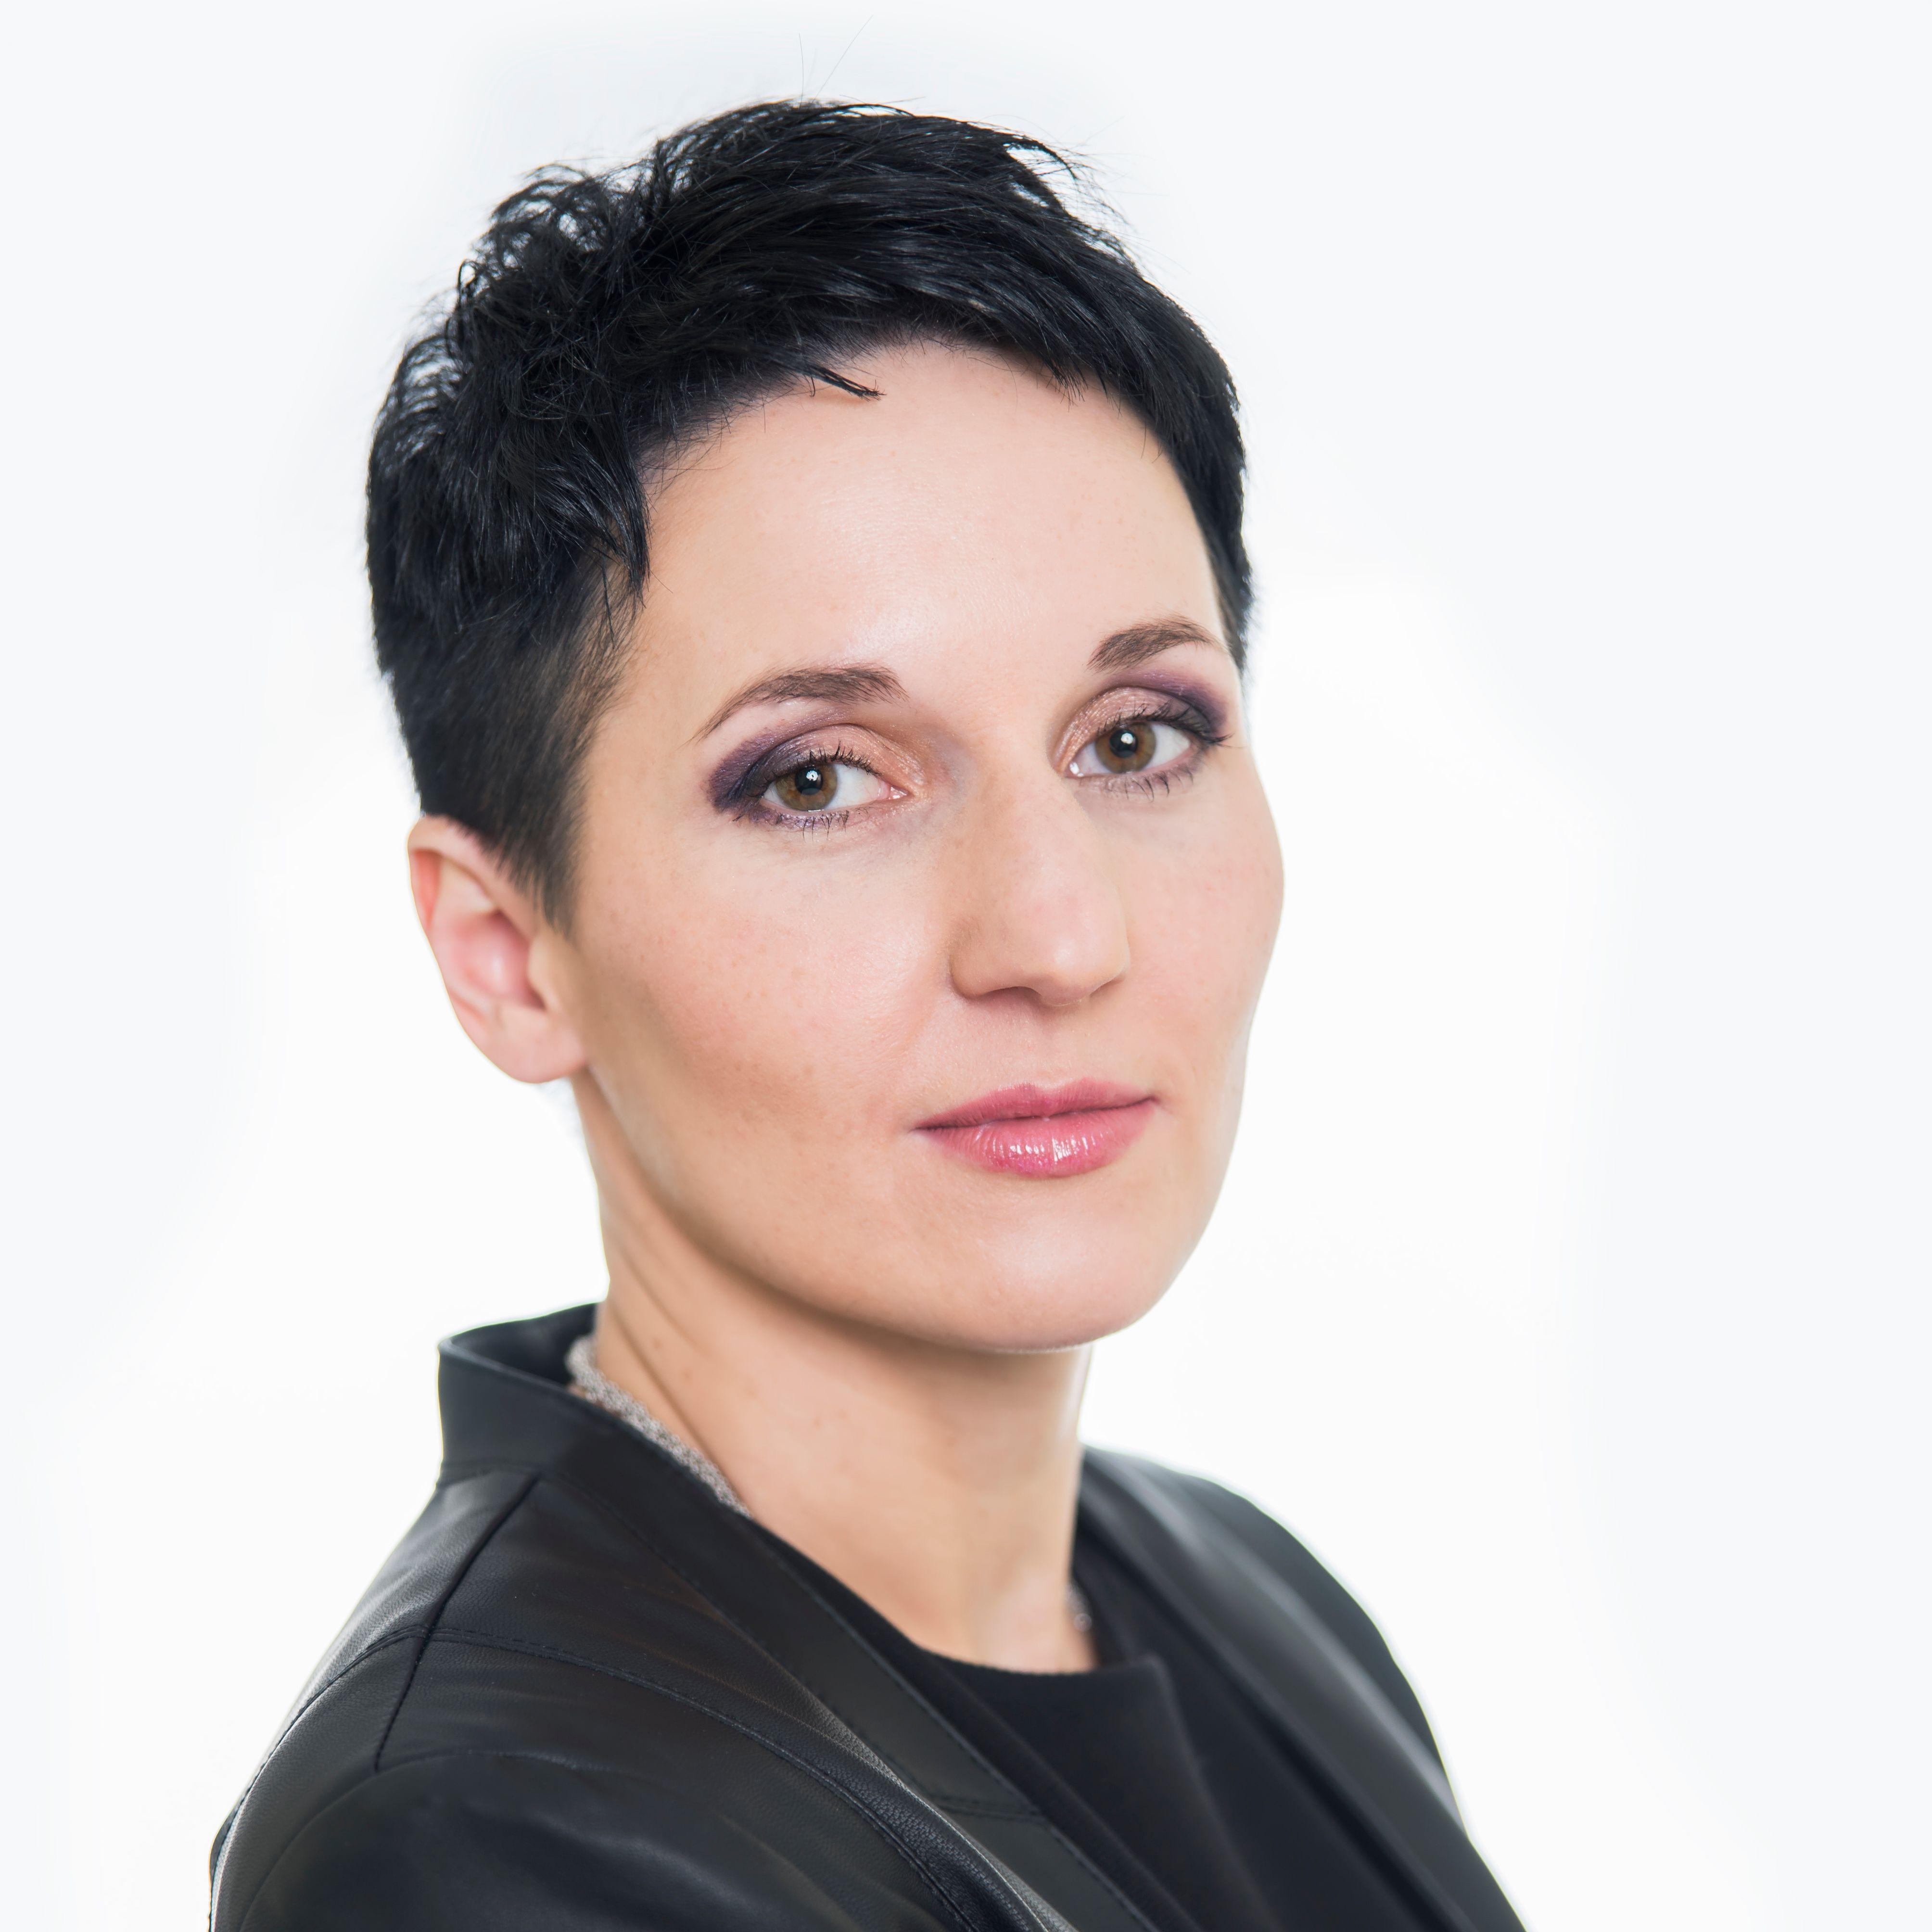 Ciemna liczba przestępstw - molestowanie seksualne dzieci i dorosłych  - dr Joanna Stojer-Polańska